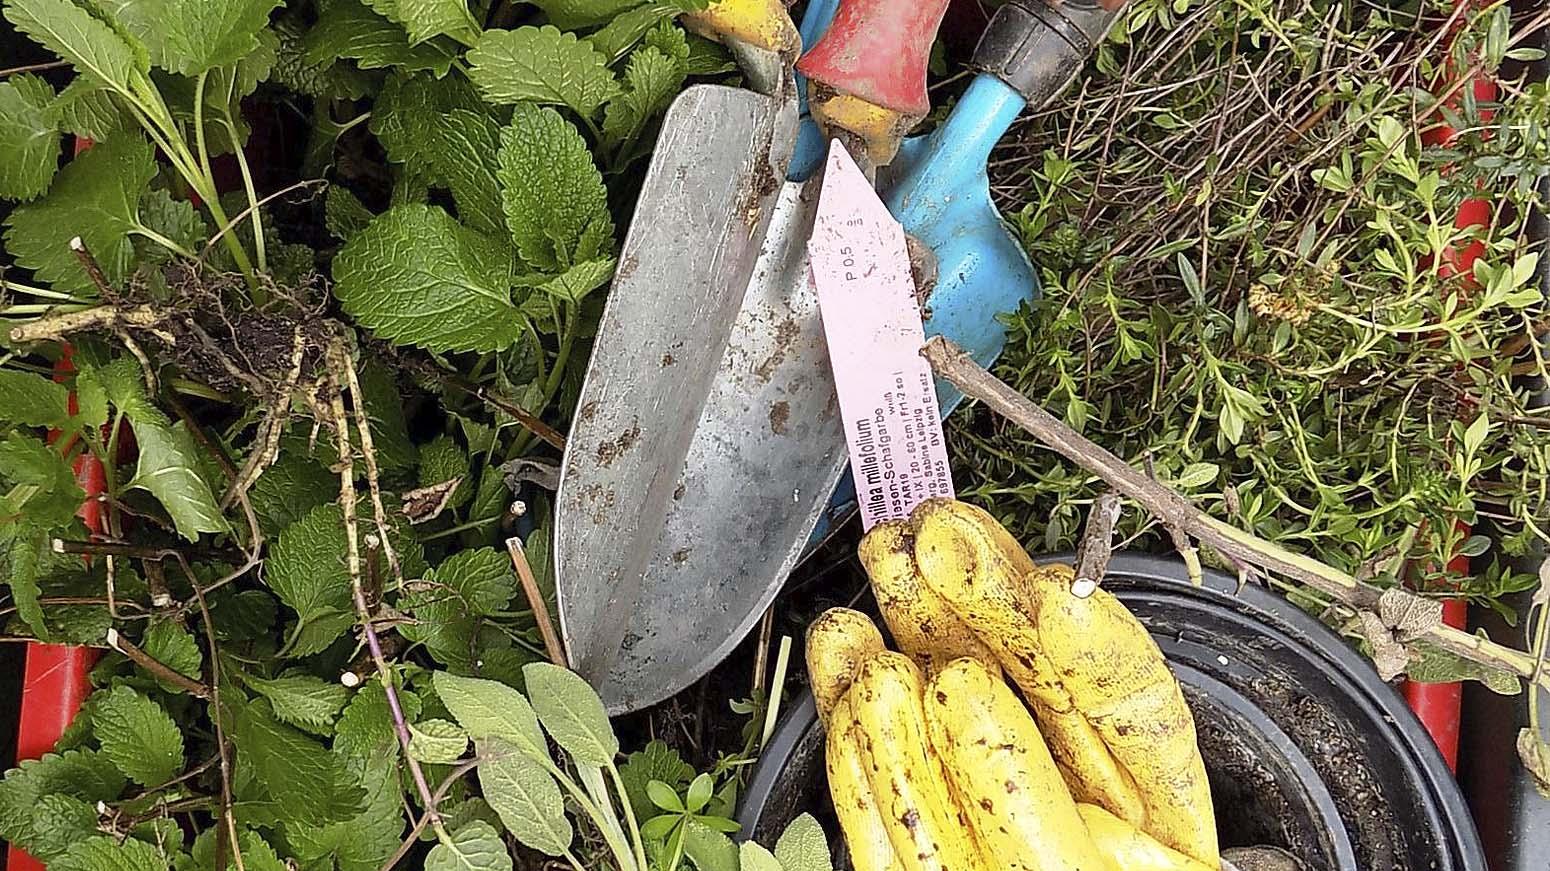 Pflanzen, Grabschaufeln und Arbeitshandschuhe